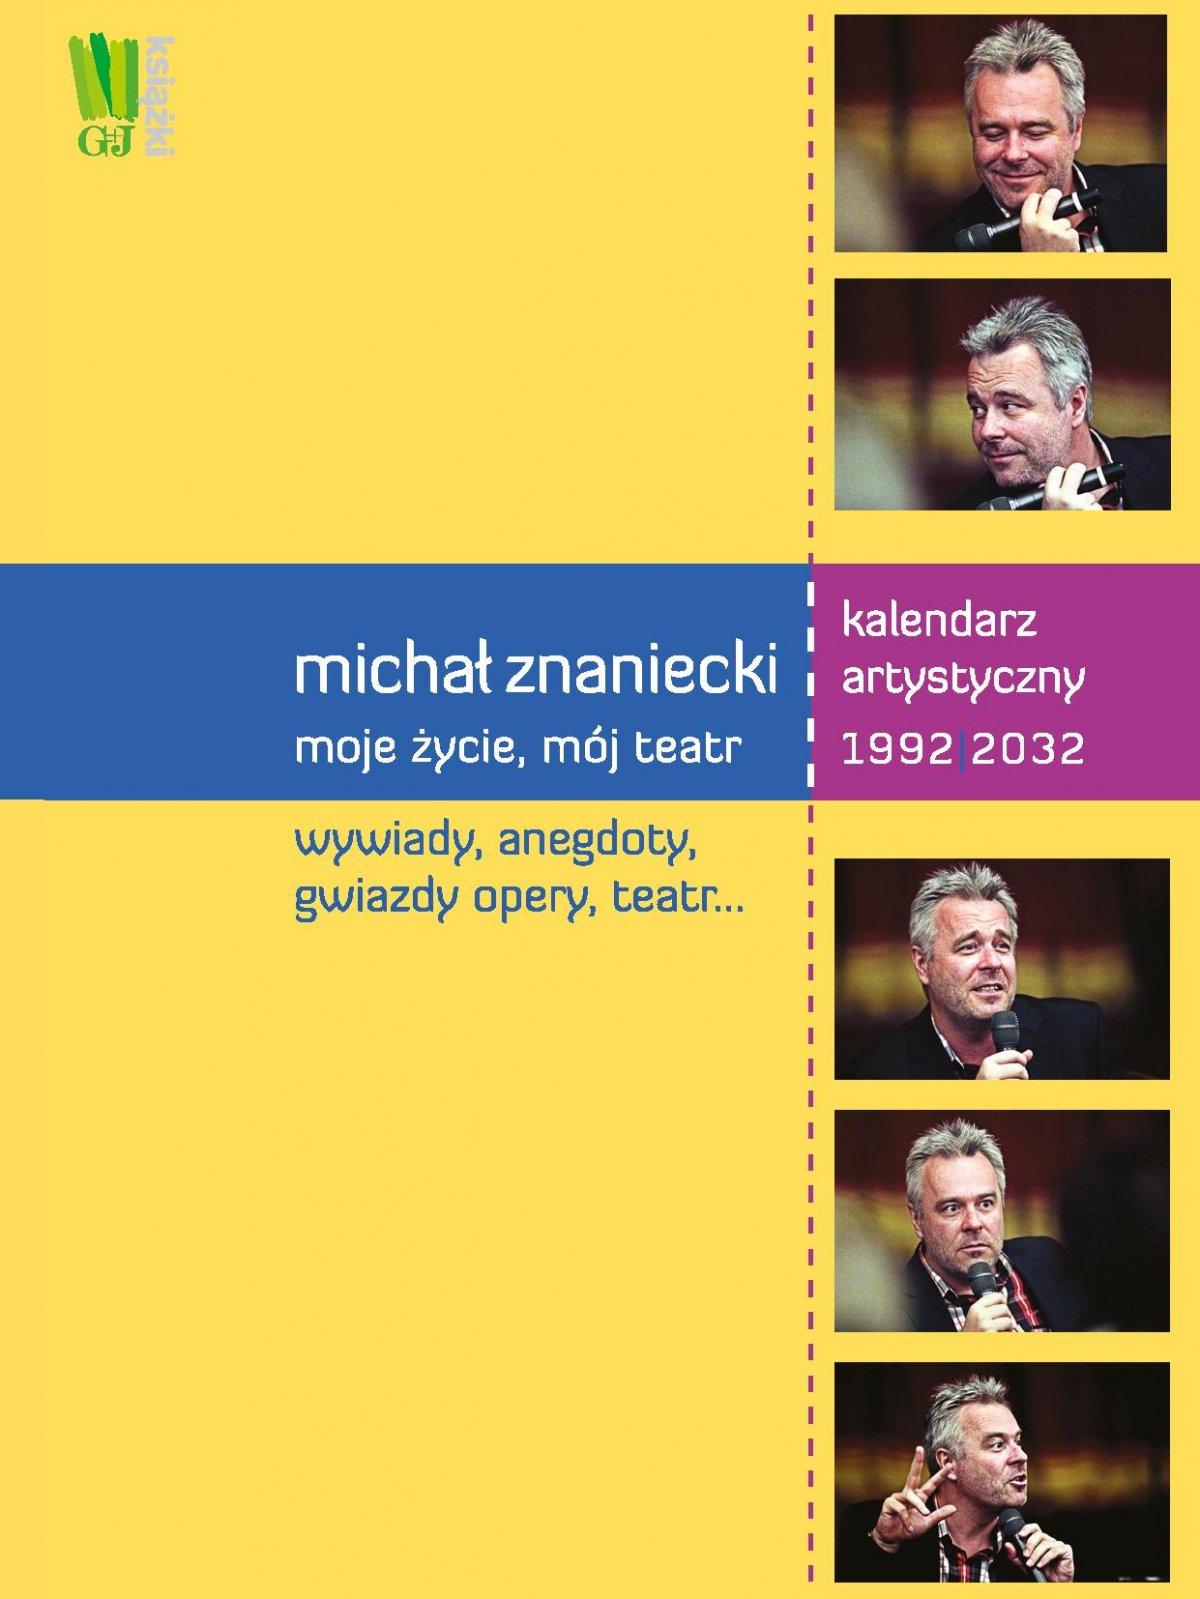 Michał Znaniecki. Moje życie, mój teatr - Ebook (Książka PDF) do pobrania w formacie PDF